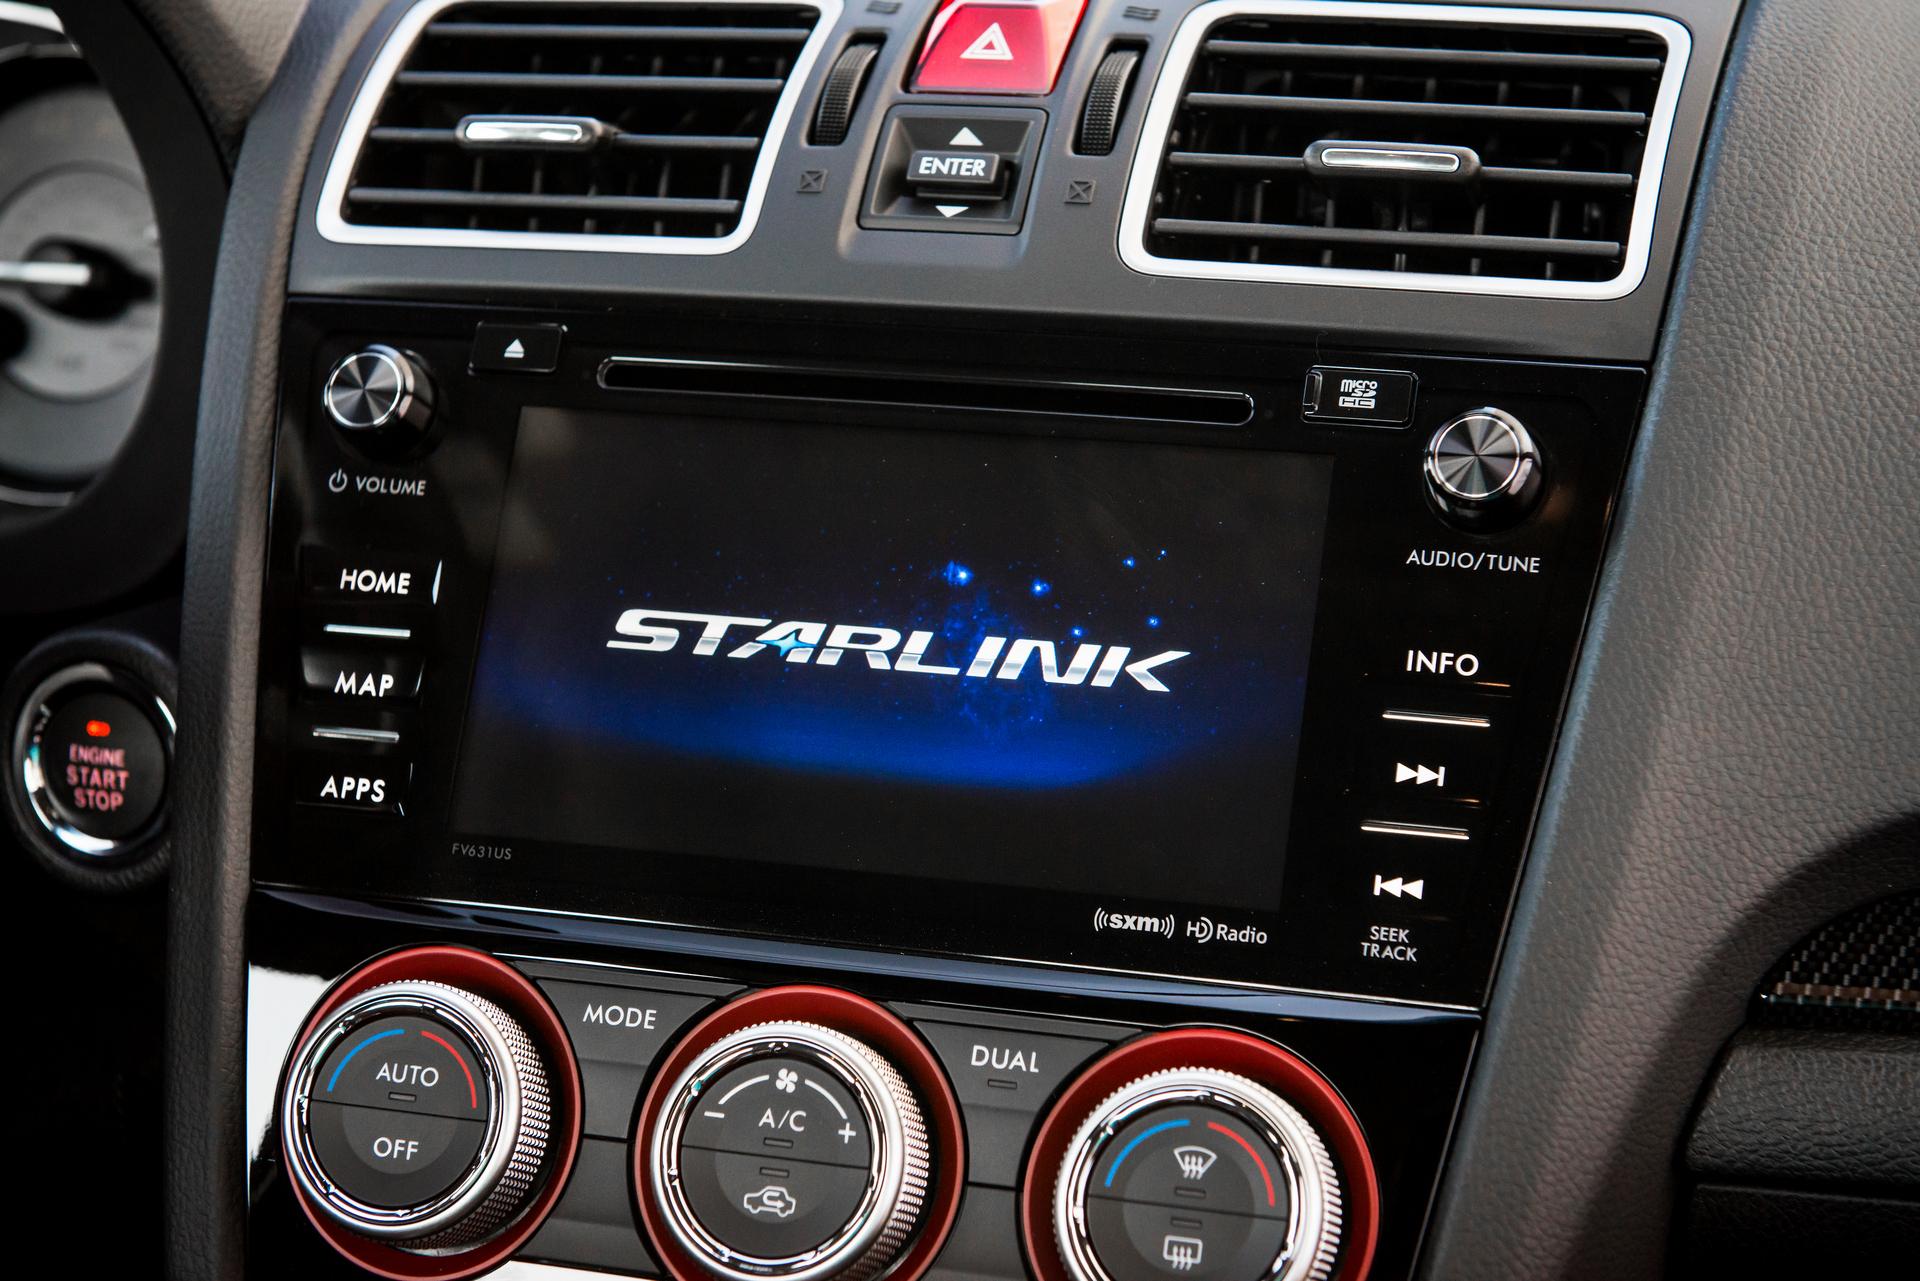 2016 Subaru STARLINK © Fuji Heavy Industries, Ltd.